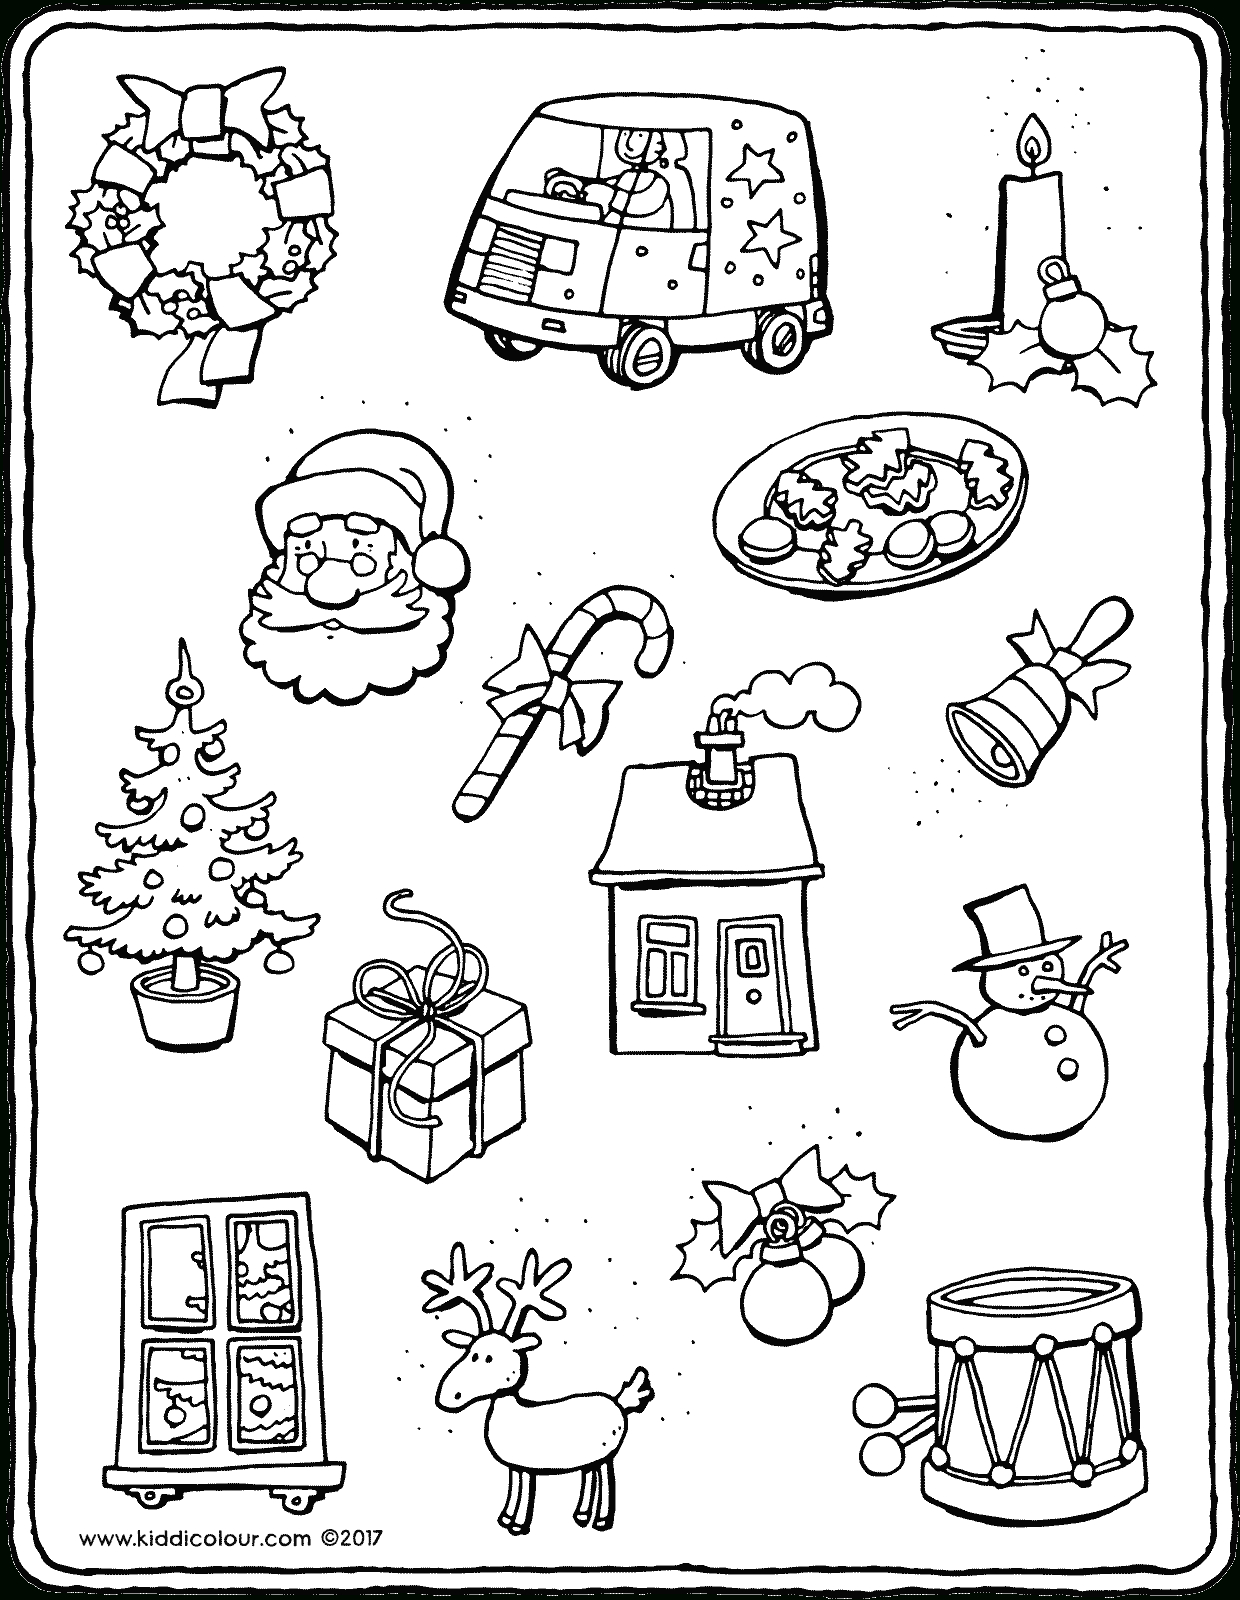 Kleine Dinge Für Weihnachten - Kiddimalseite für Ausmalbilder Weihnachten